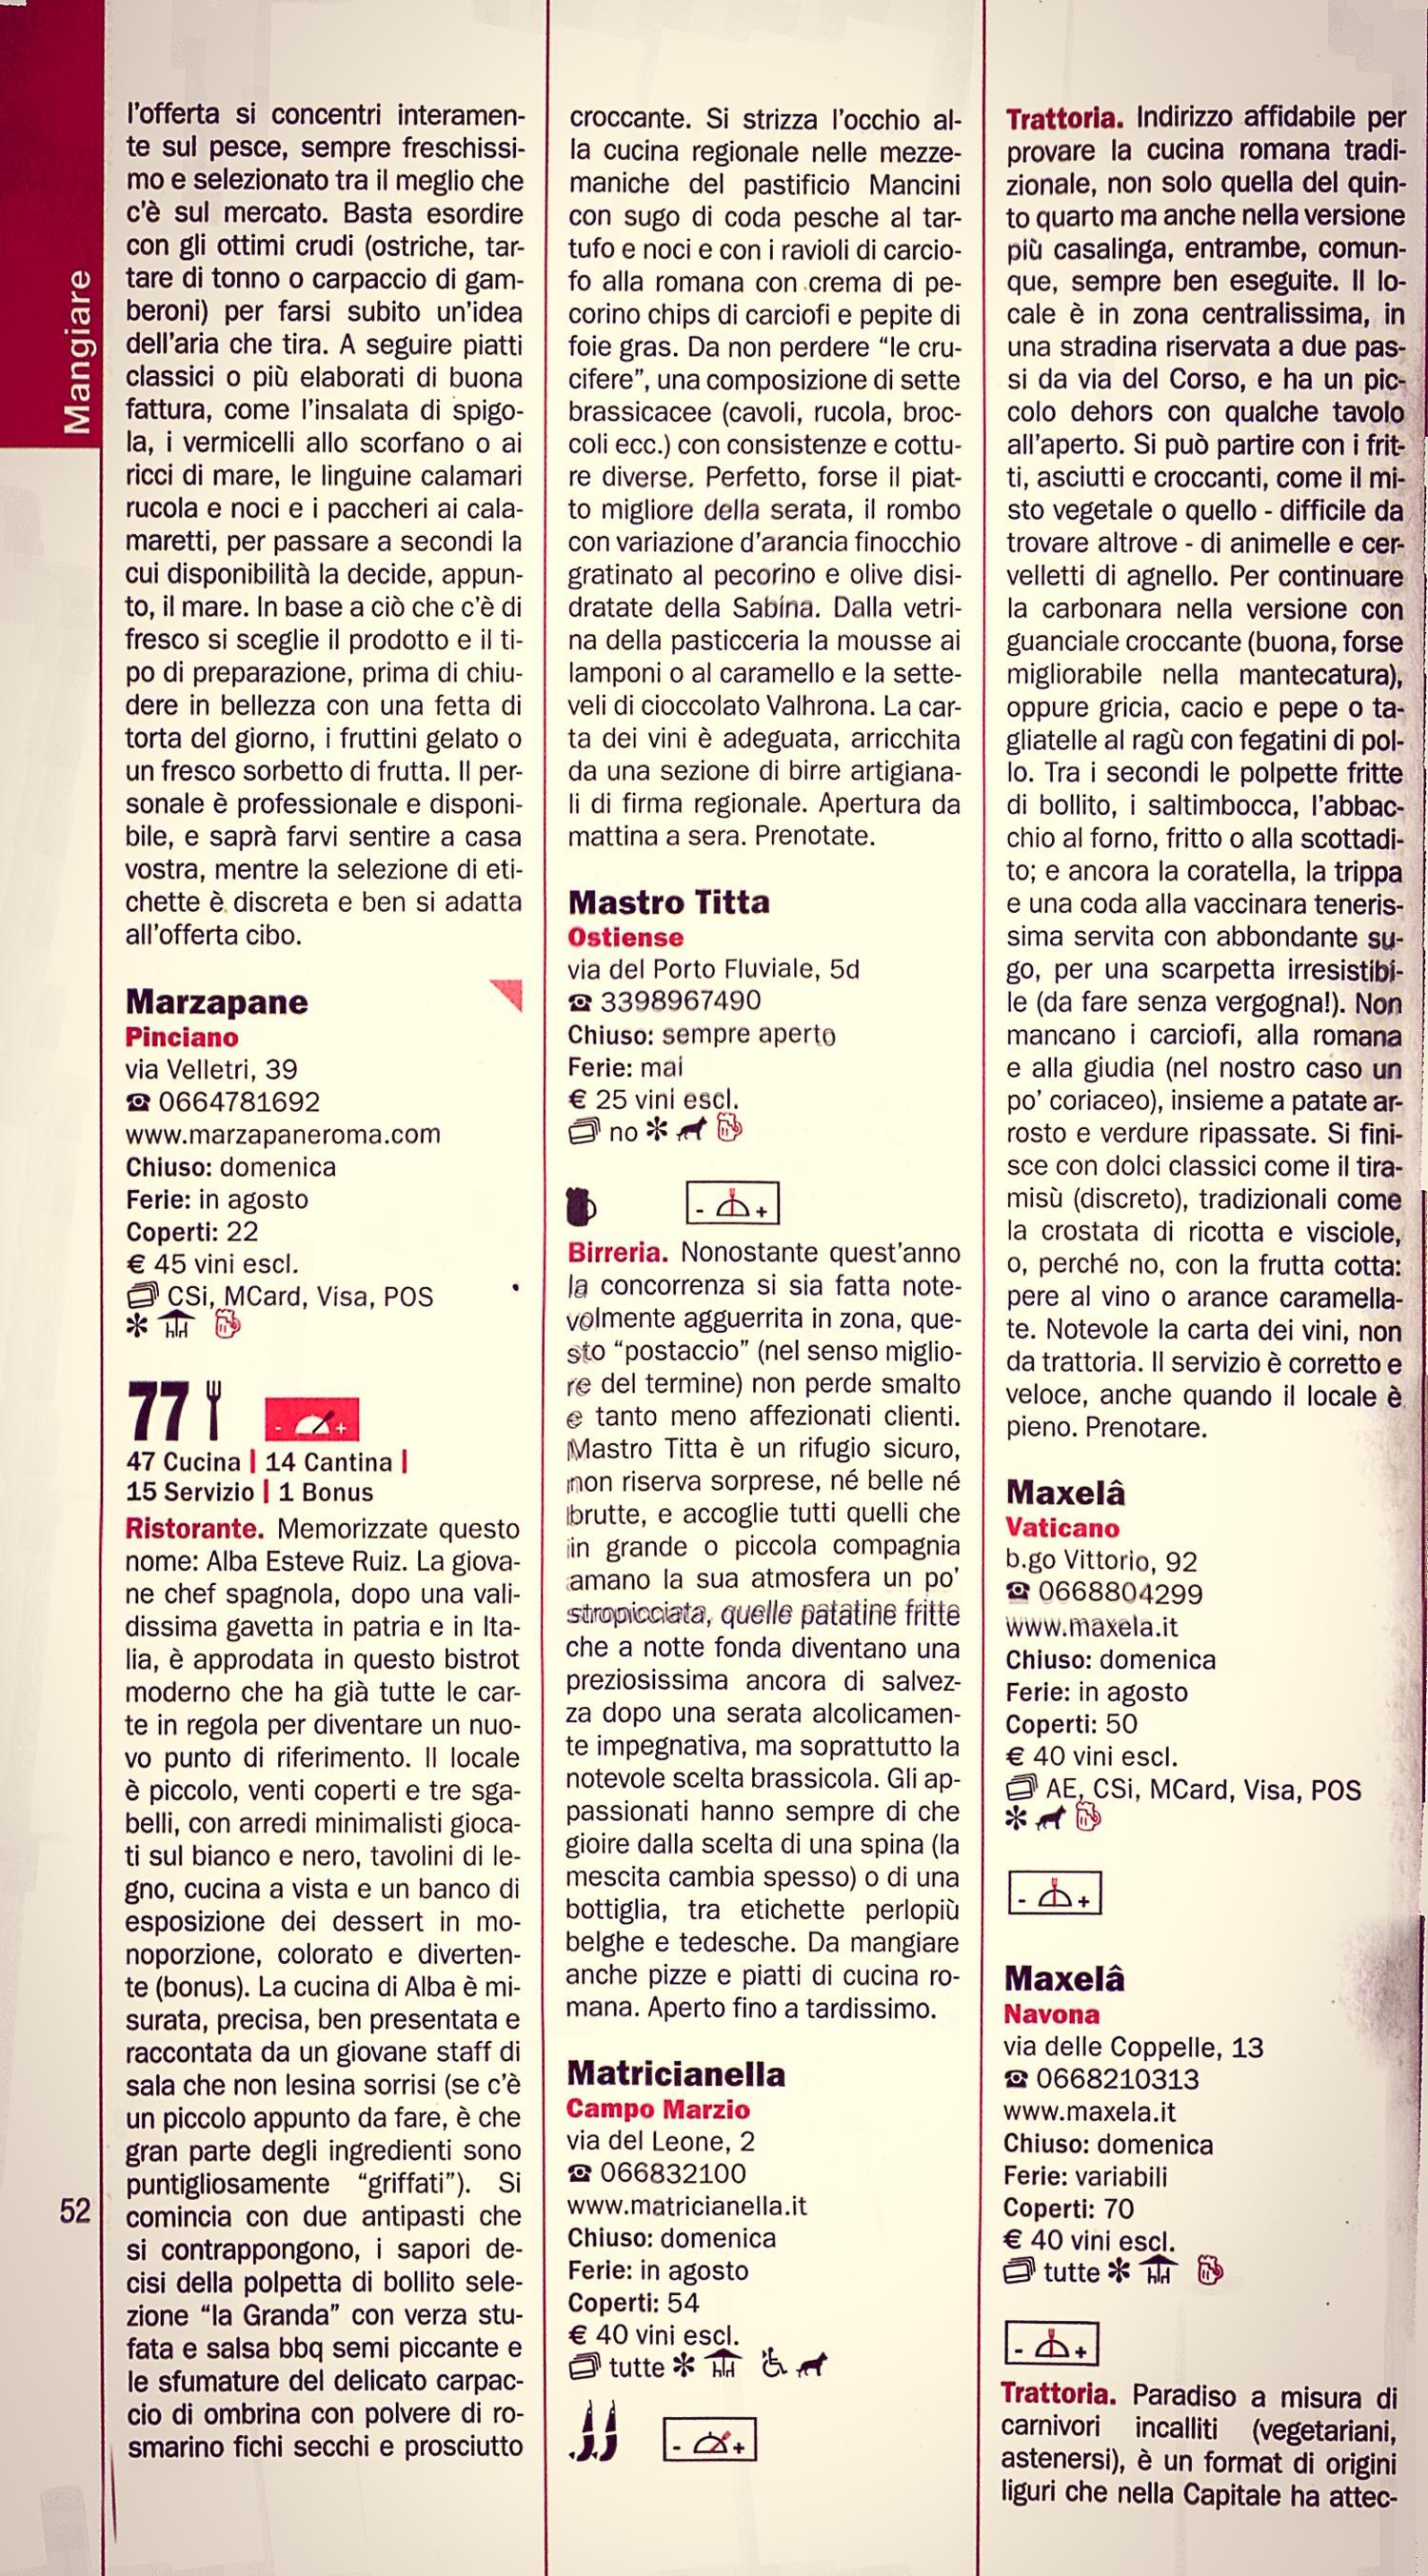 La matricianella roma milgiori ristoranti cucina for La cucina romana